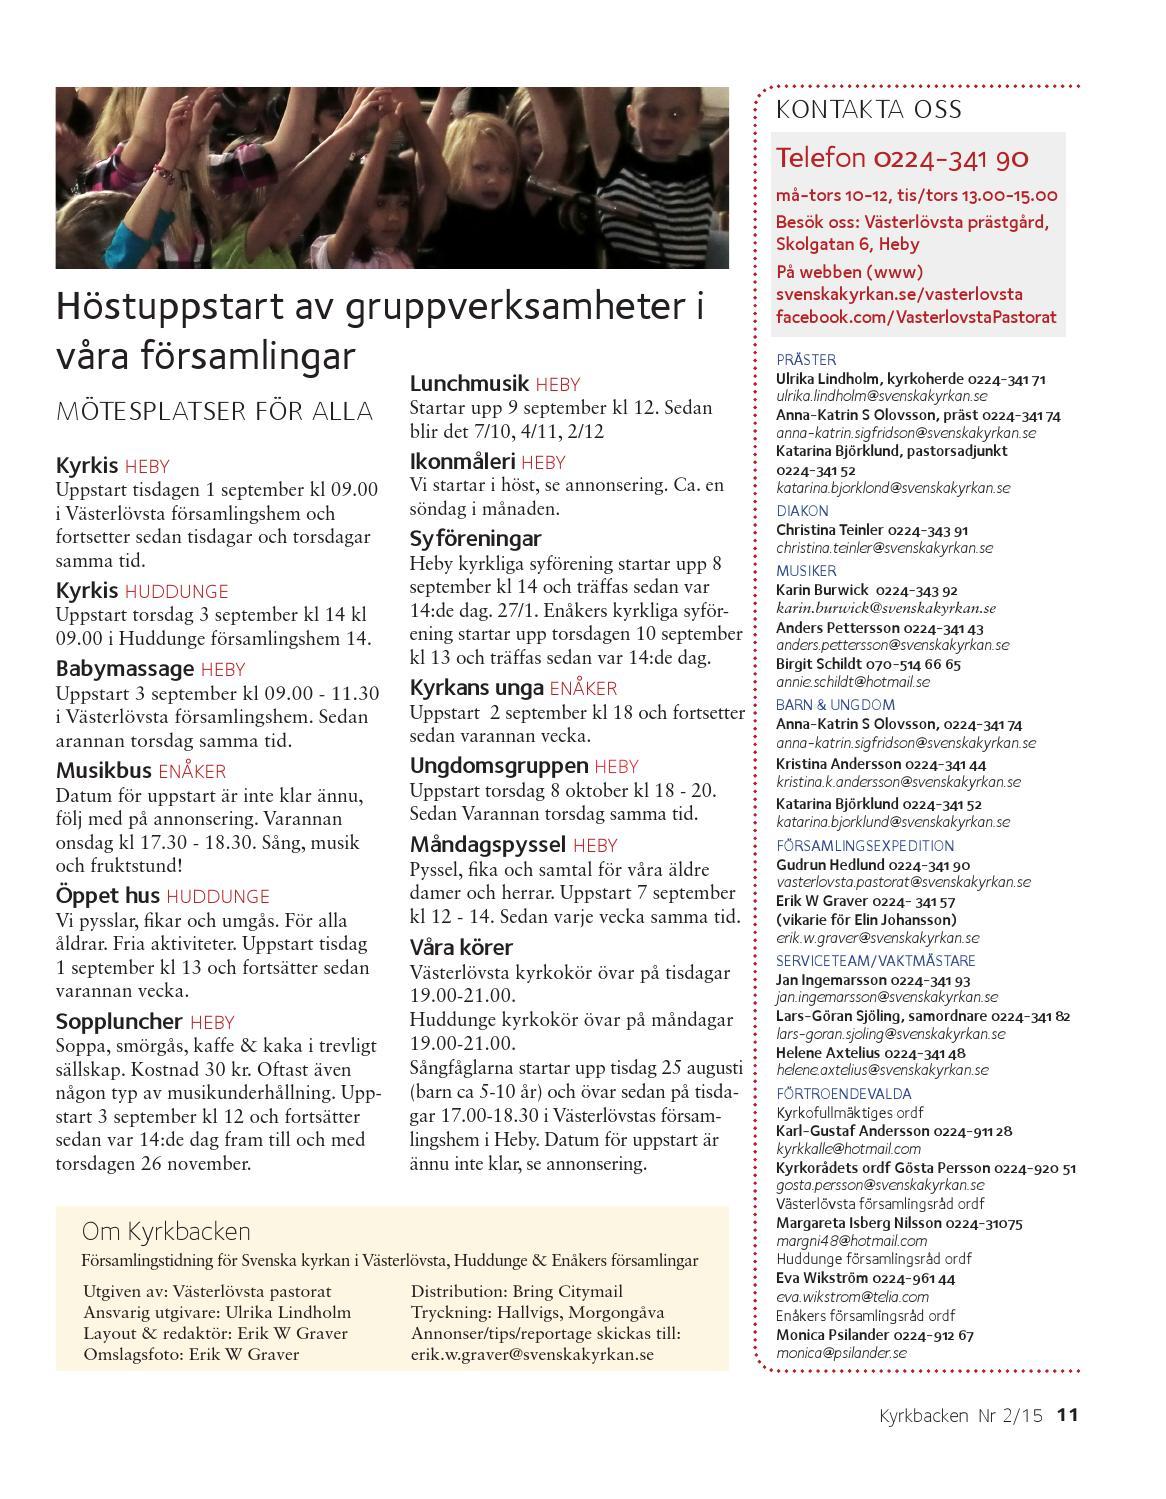 Ideellt arbete - Vsterlvsta pastorat - Svenska kyrkan